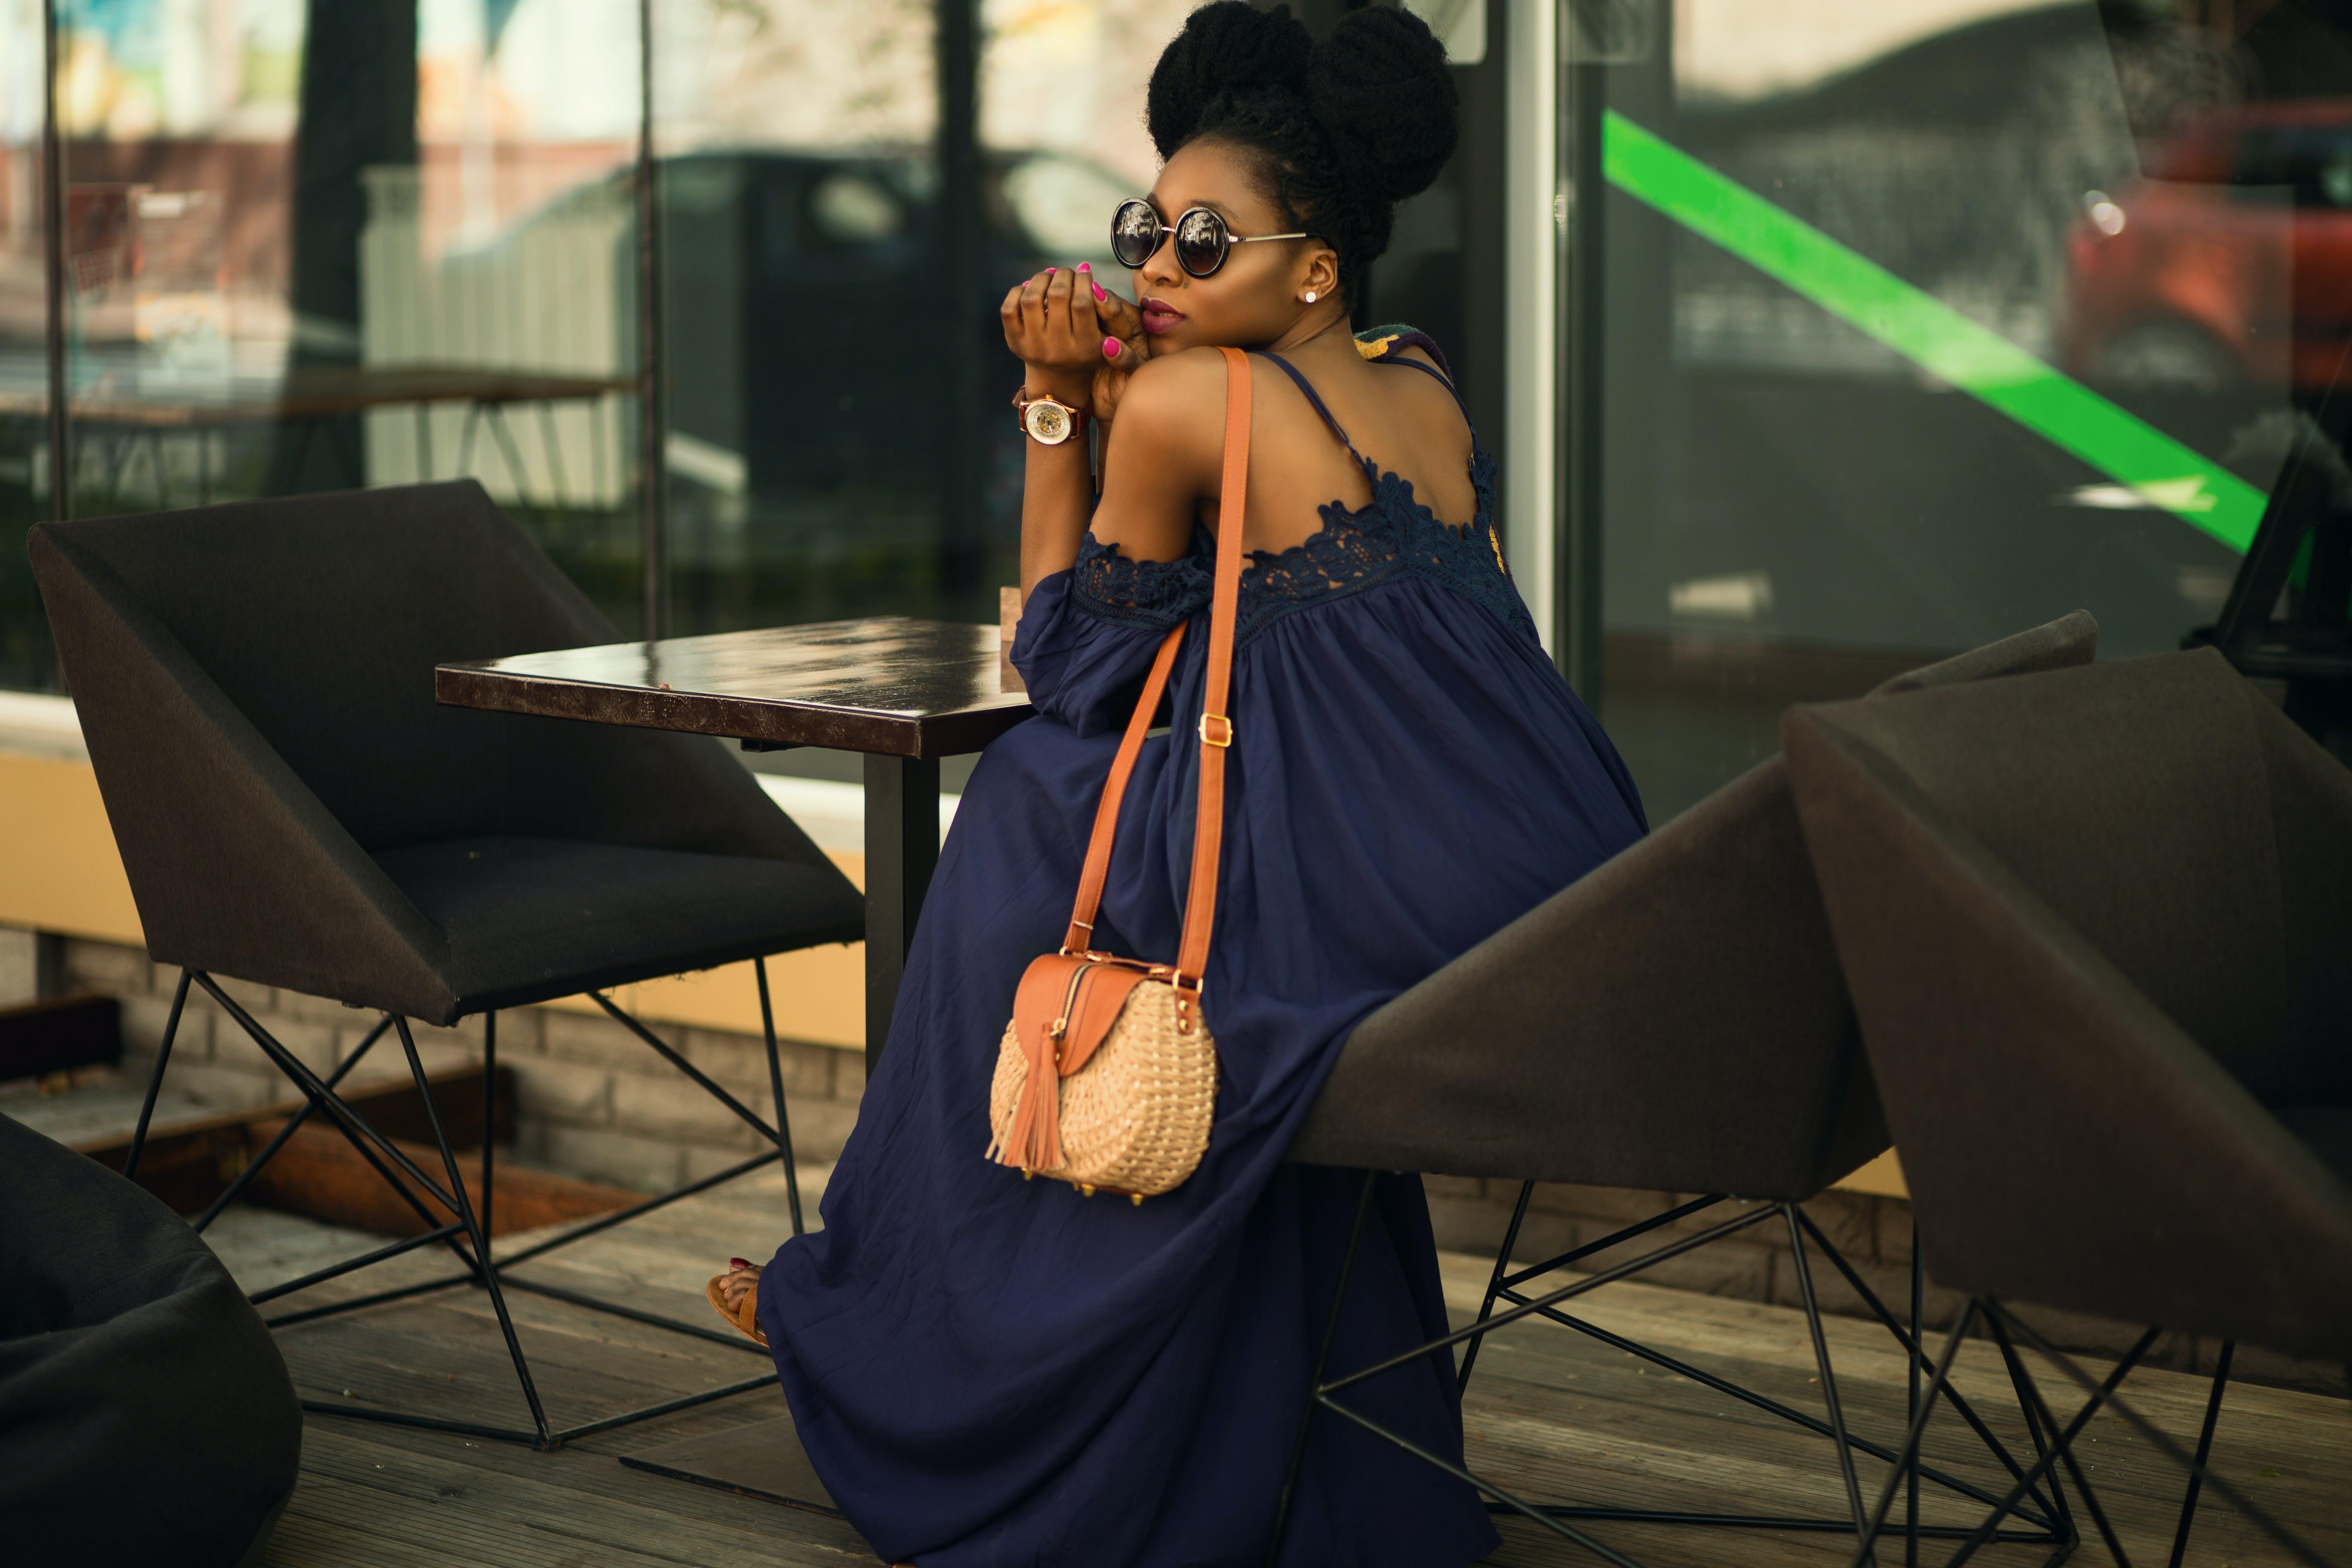 Kostnadsfri bild av afrikansk amerikan kvinna, ansiktsuttryck, flicka, fotografering